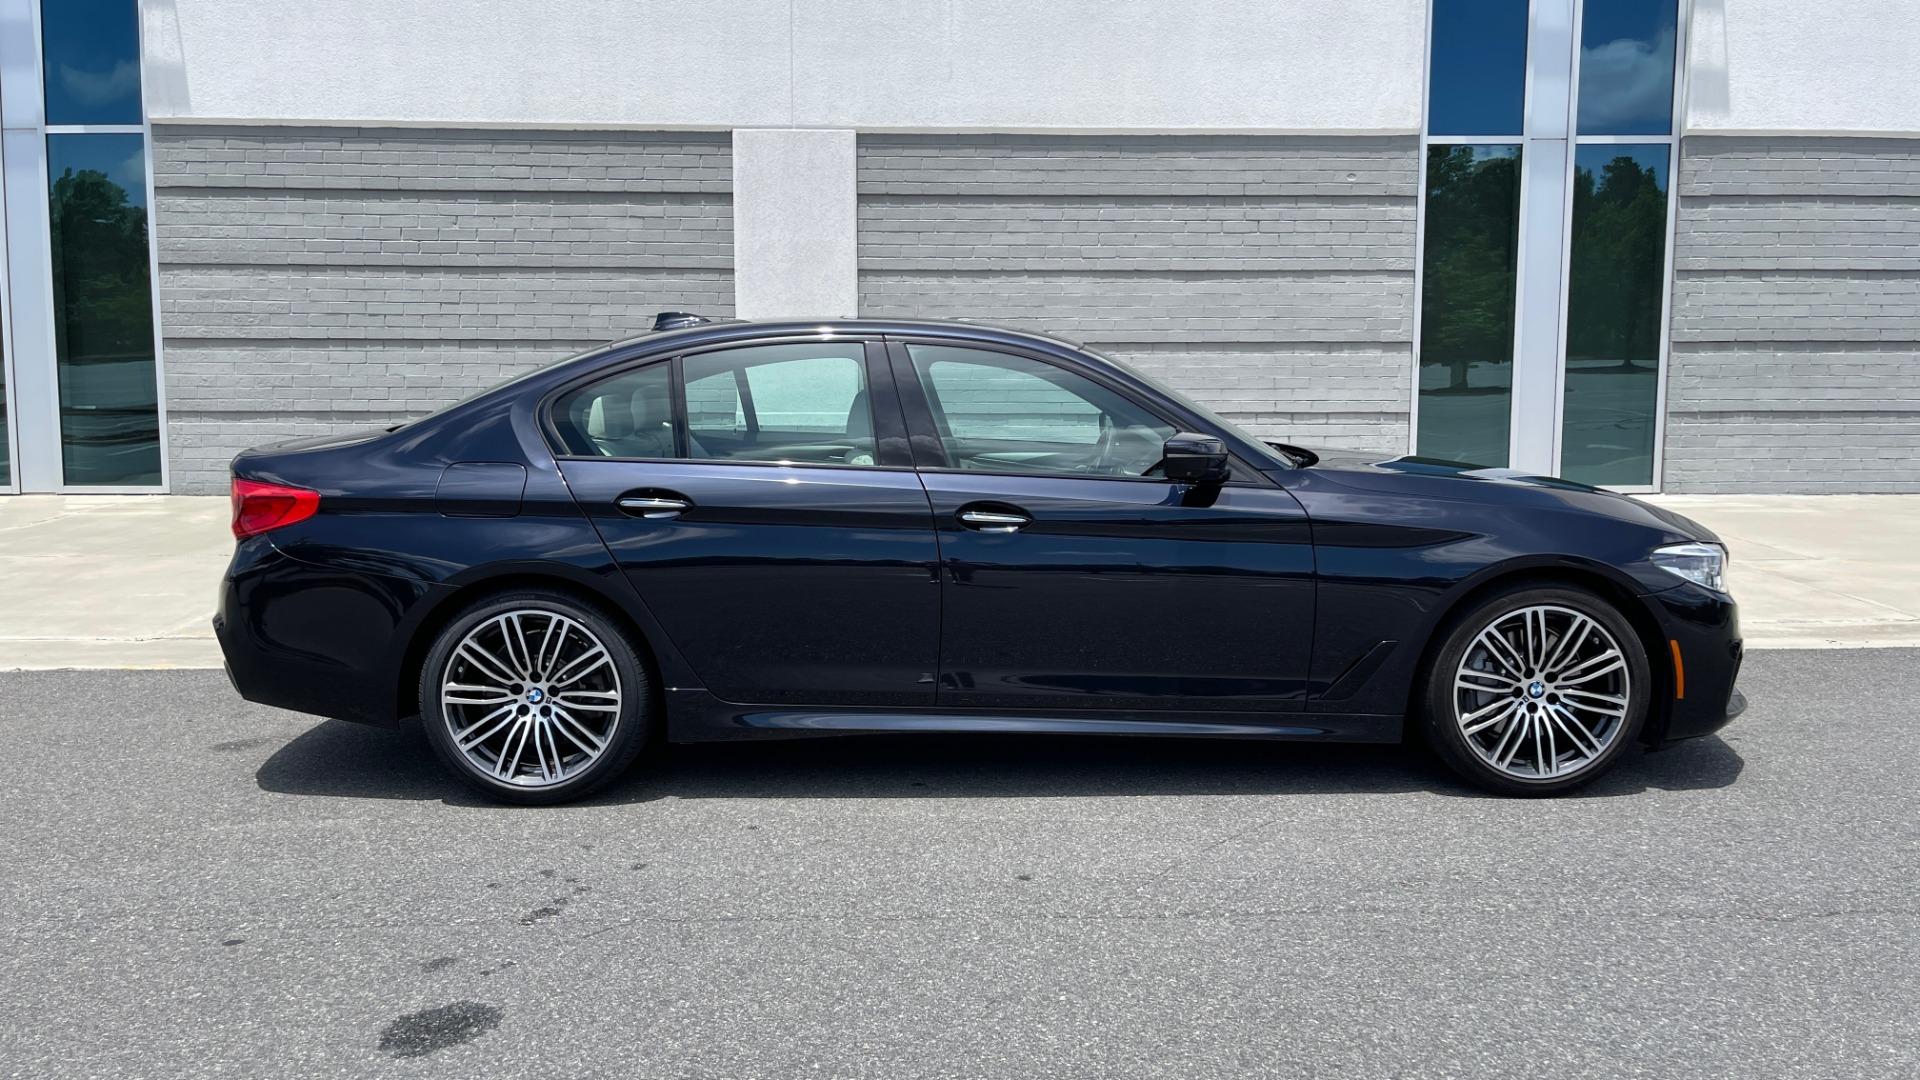 Used 2018 BMW 5 SERIES 540I M-SPORT / EXECUTIVE PKG / DRVR ASST PKG / BLIND SPOT / LANE DEPART for sale $40,995 at Formula Imports in Charlotte NC 28227 7